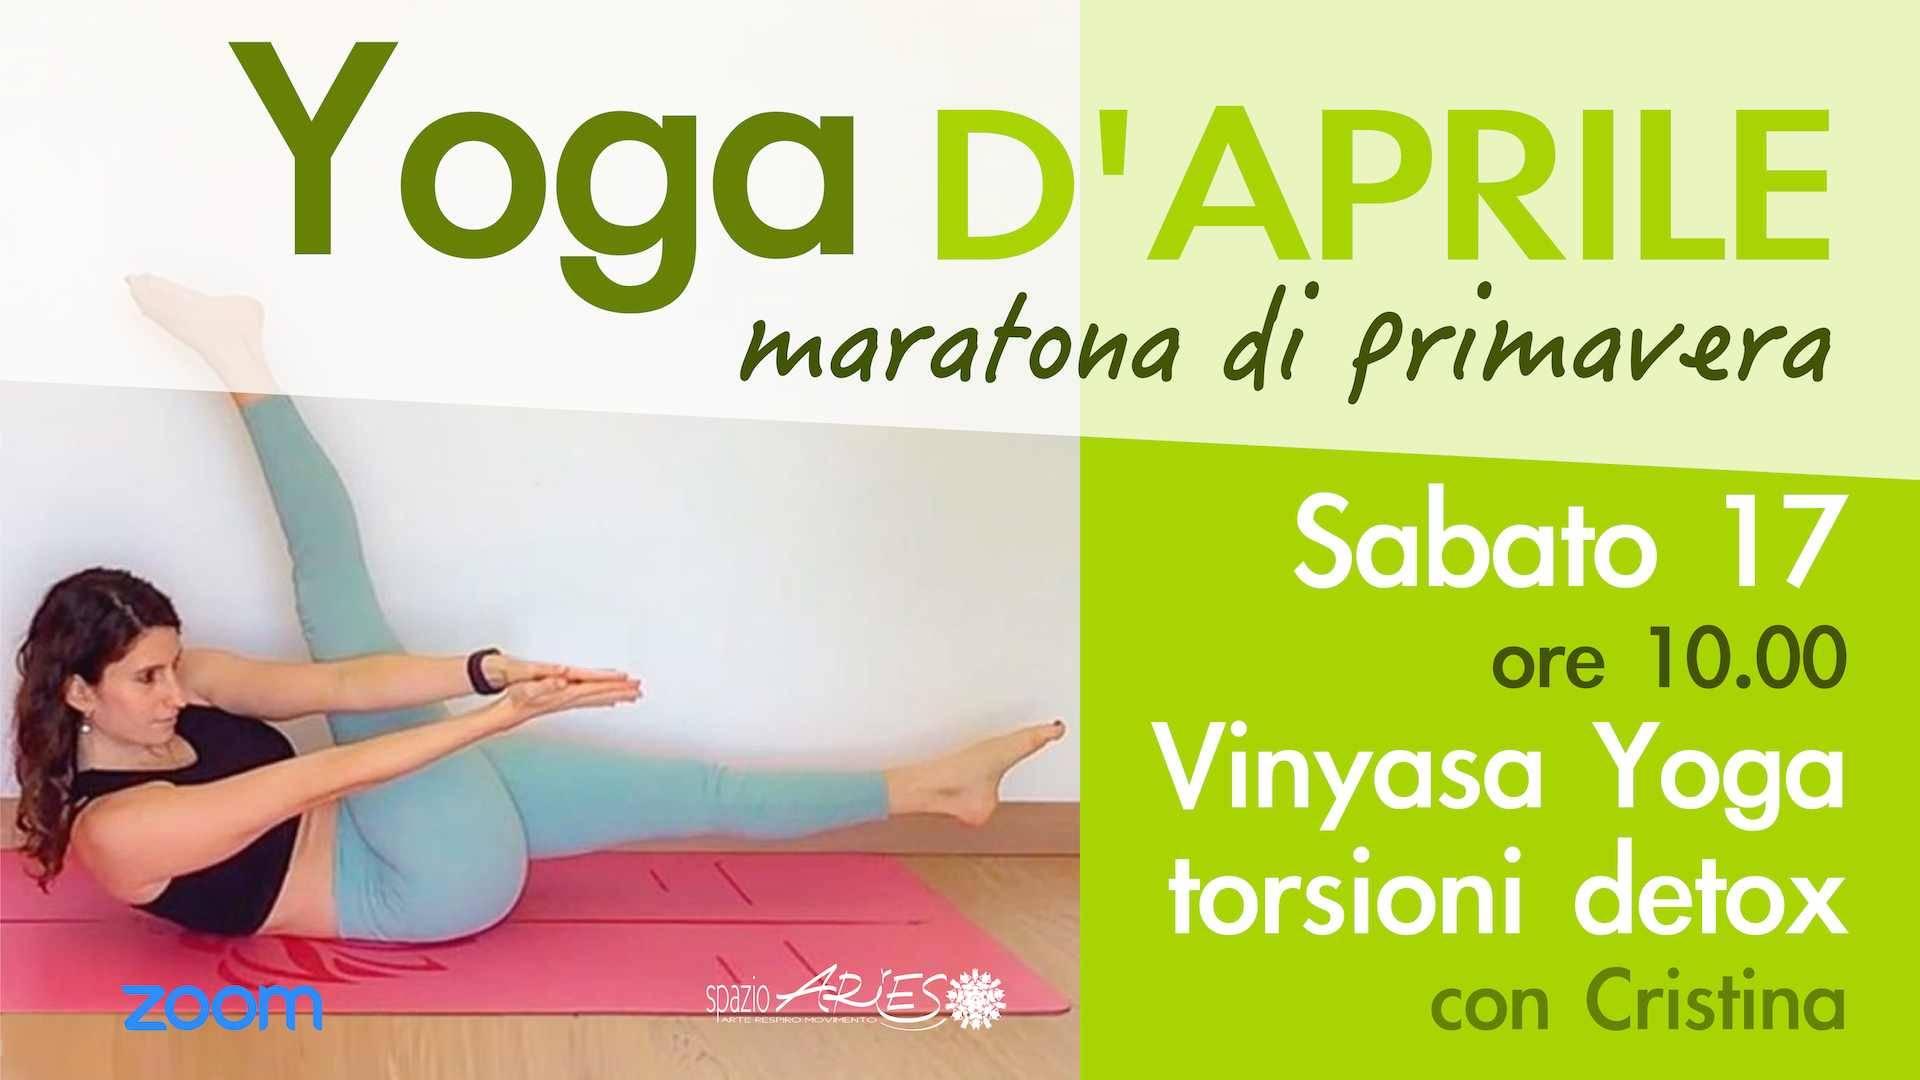 Vinyasa Yoga: torsioni detox della primavera con Cristina